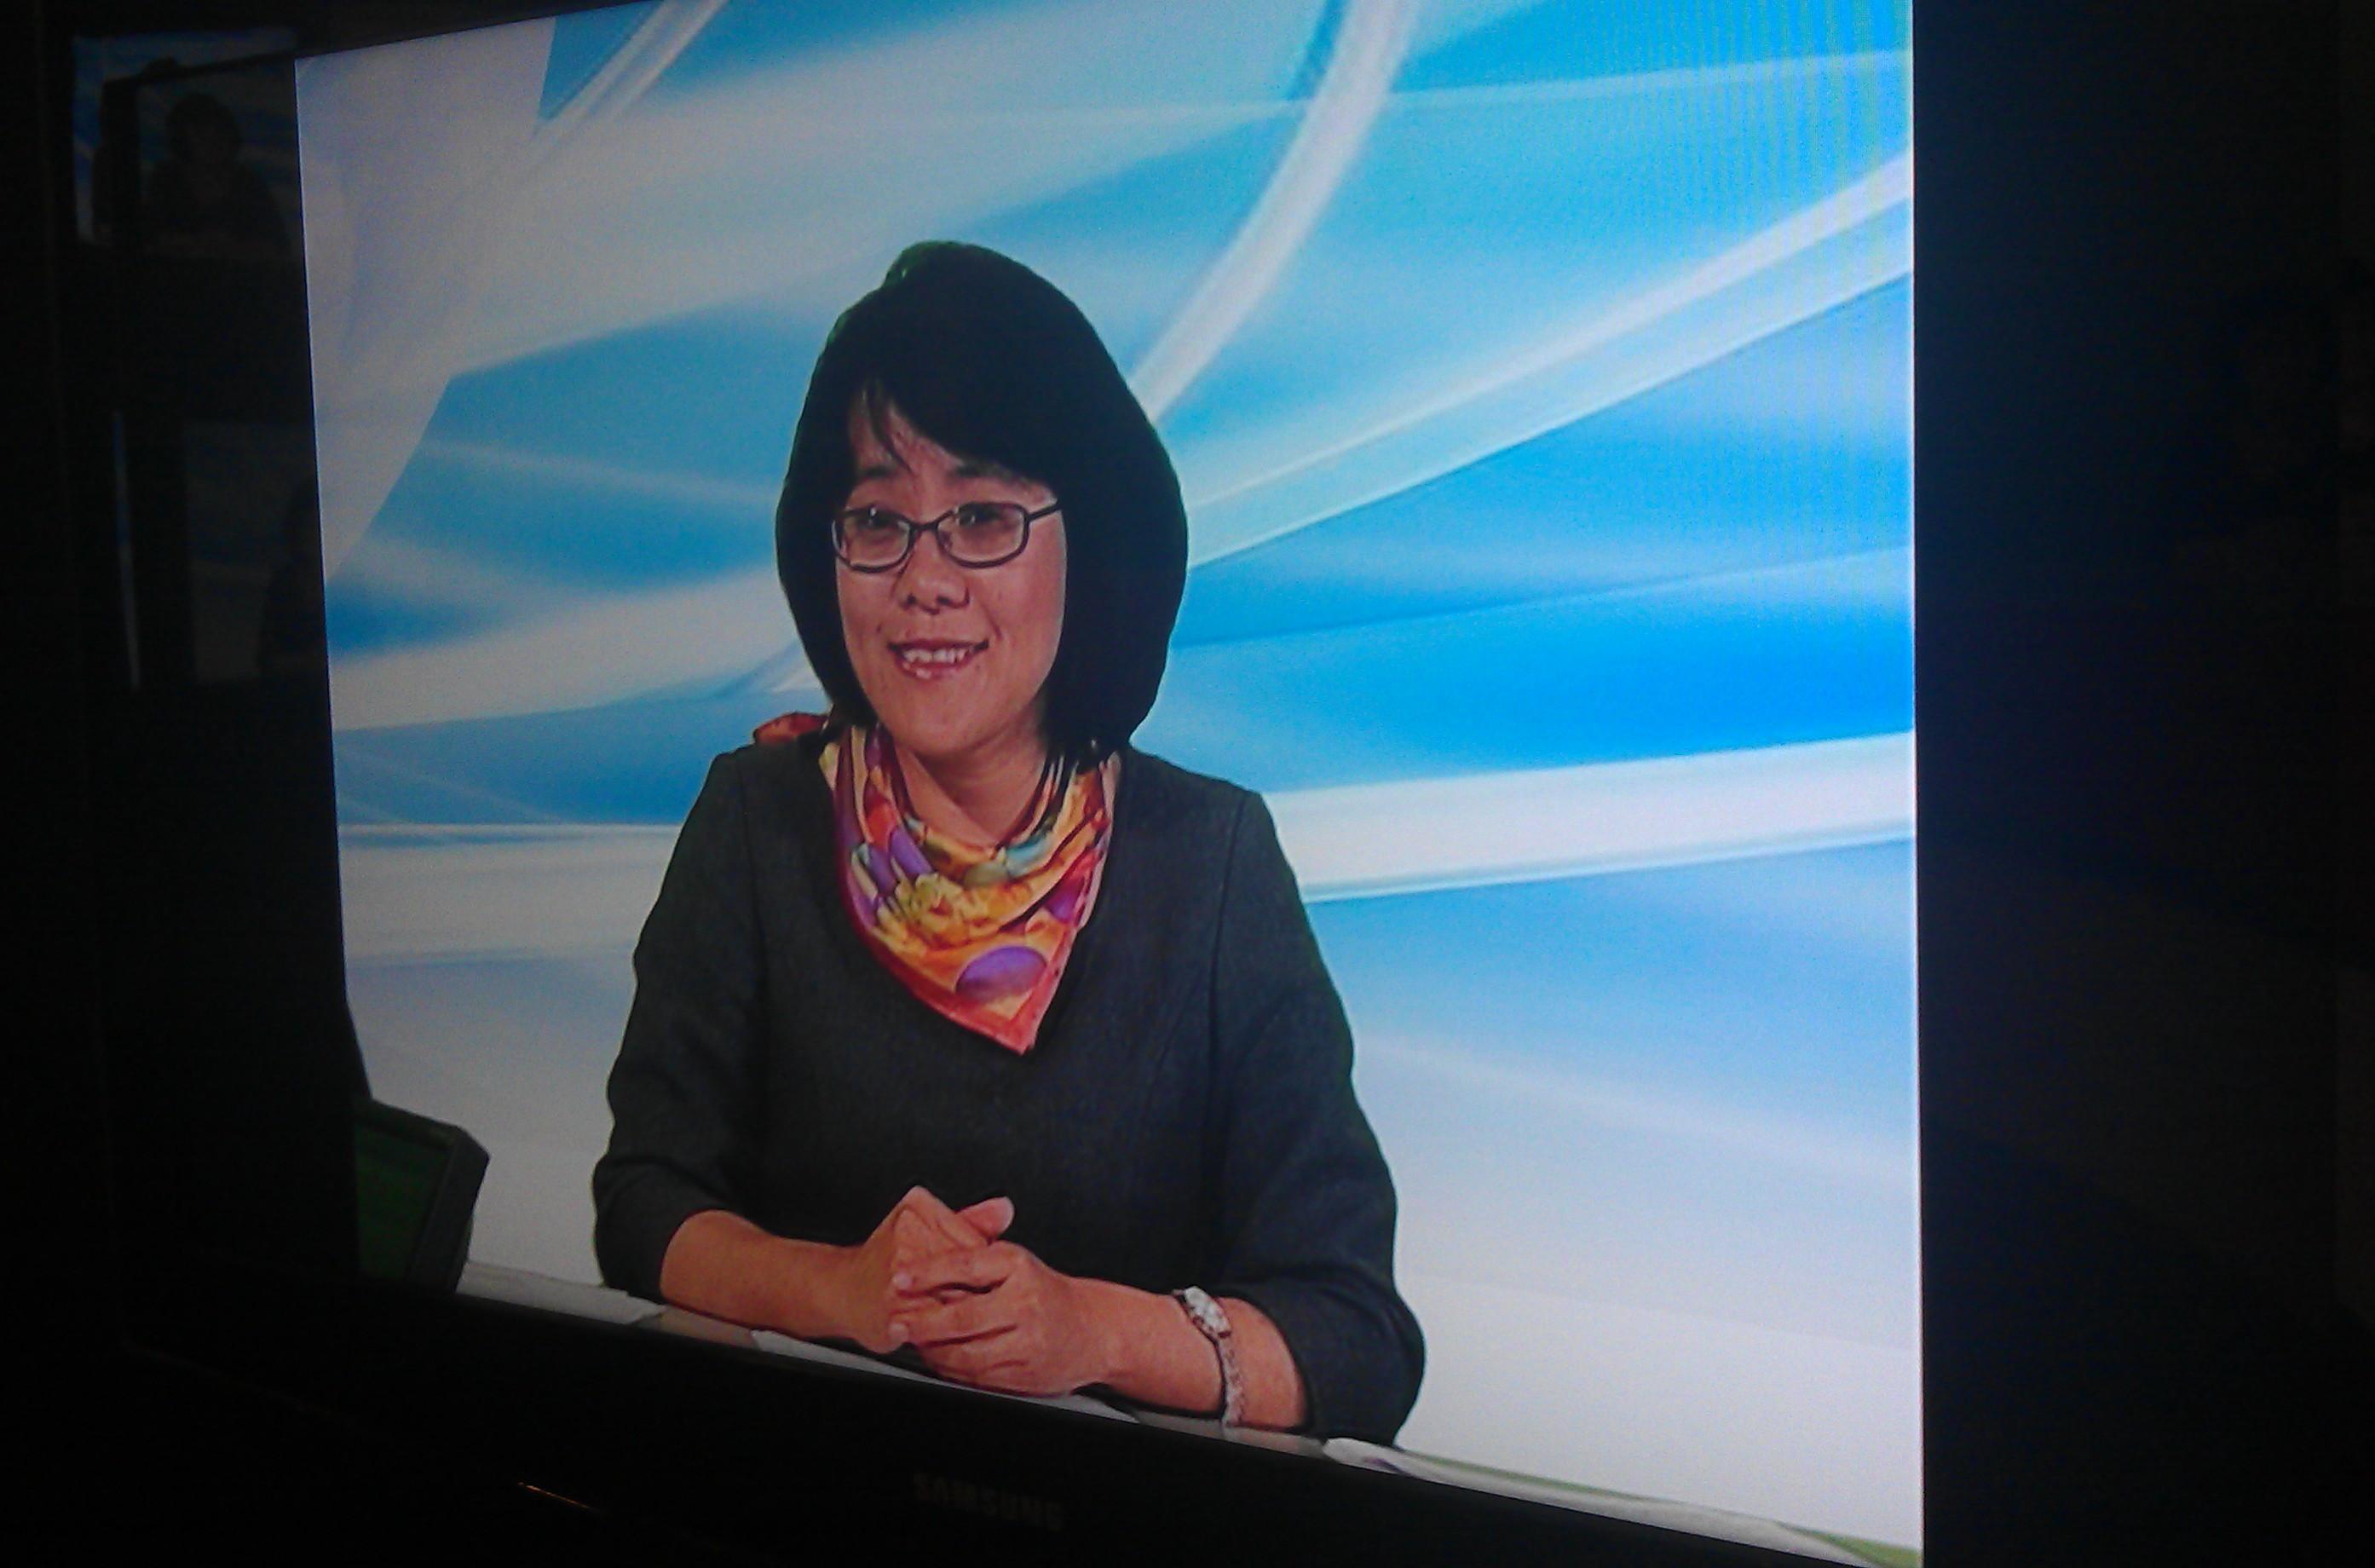 2012年底接受WTV采访